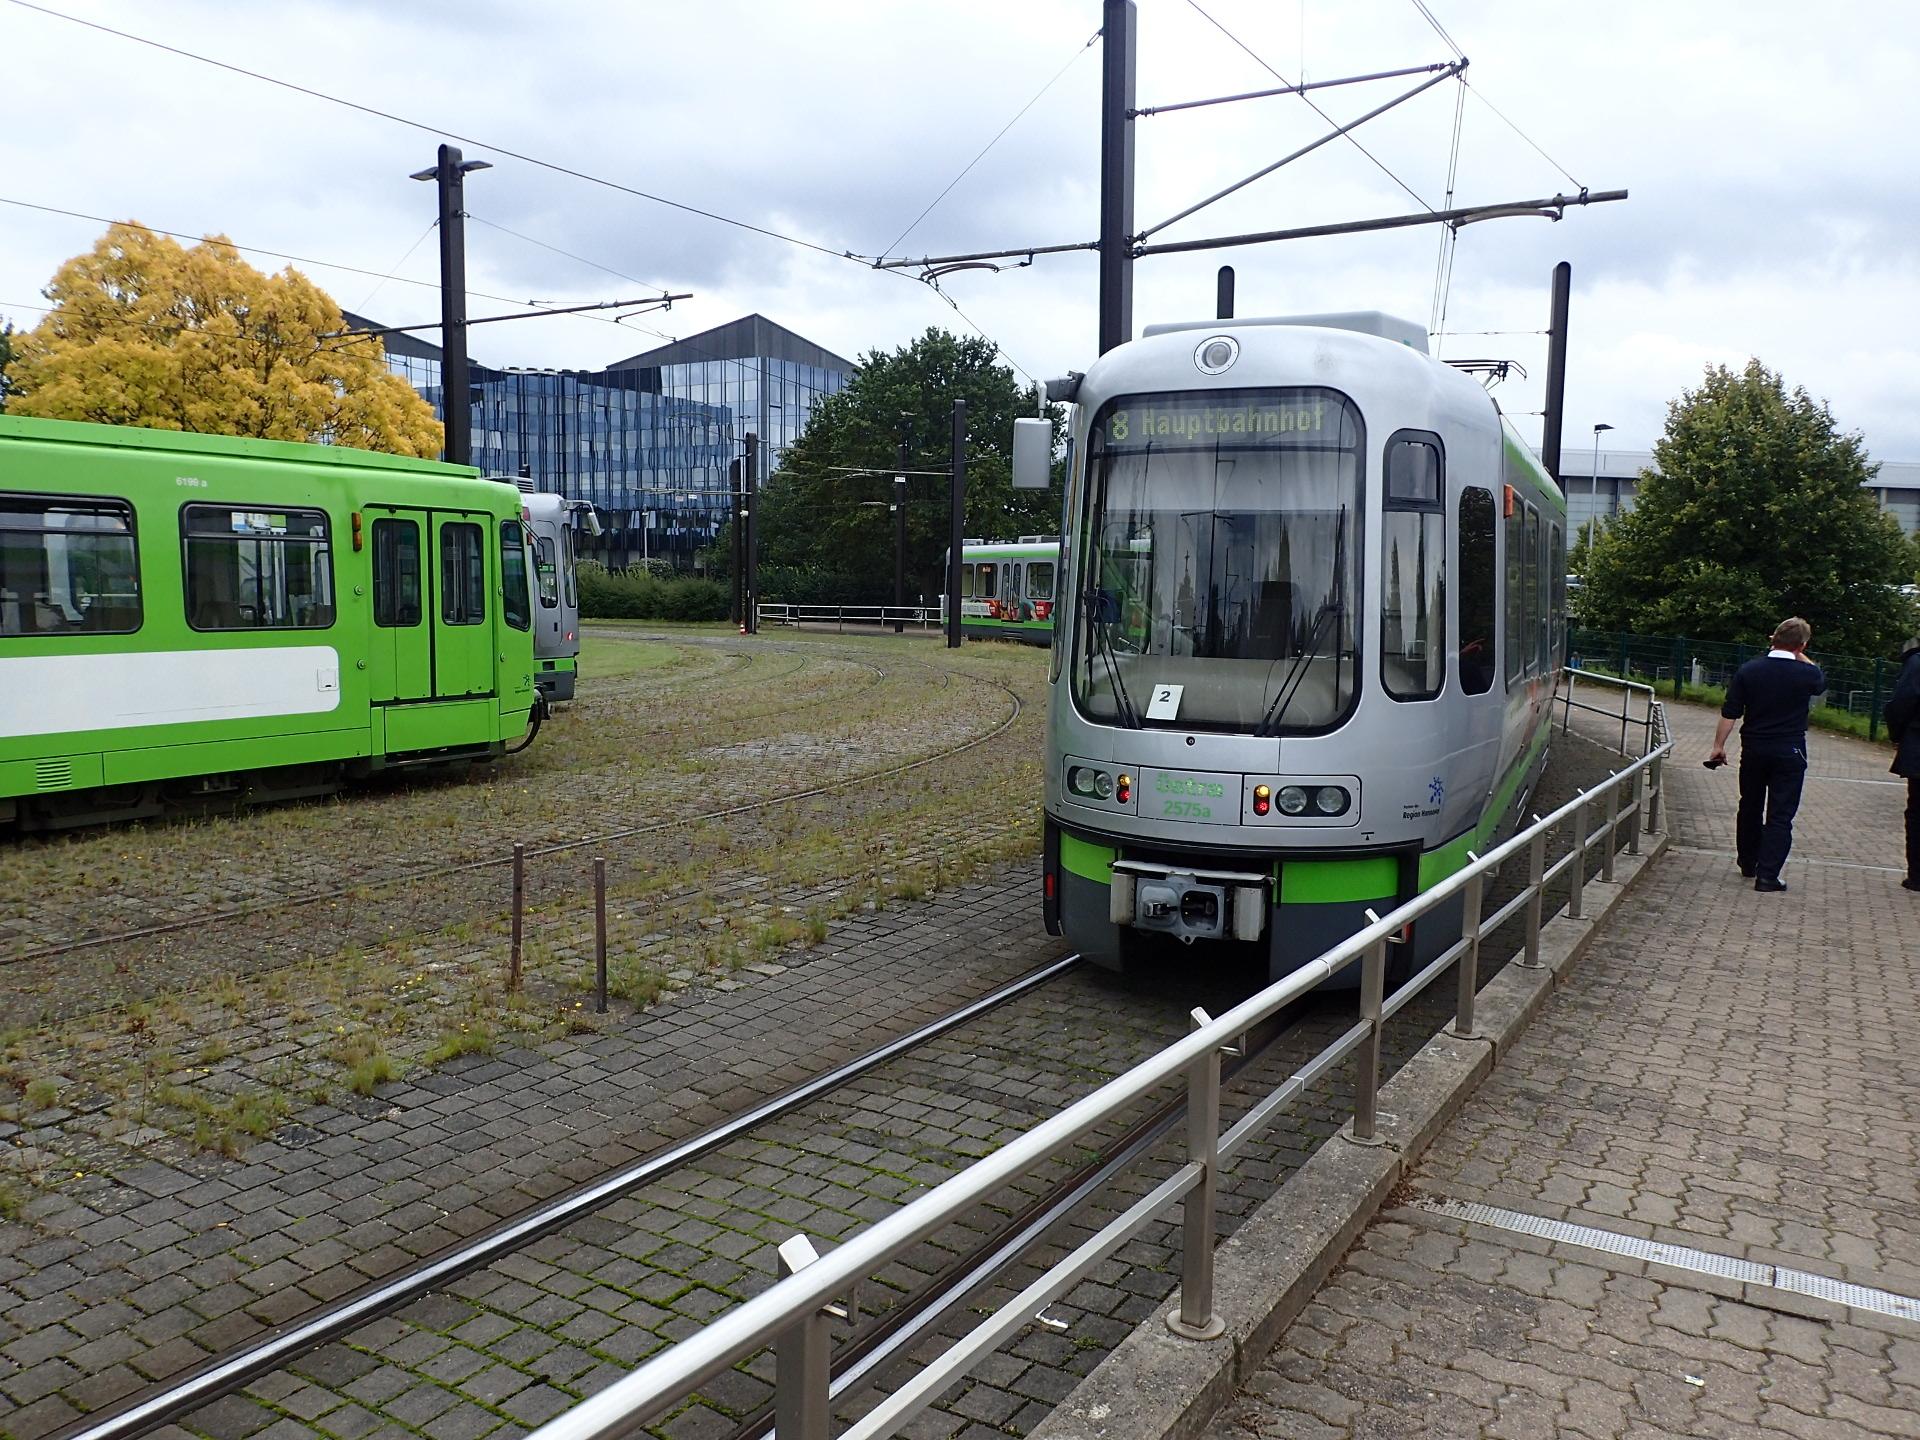 会場アクセスに利用した電車Ustraです。